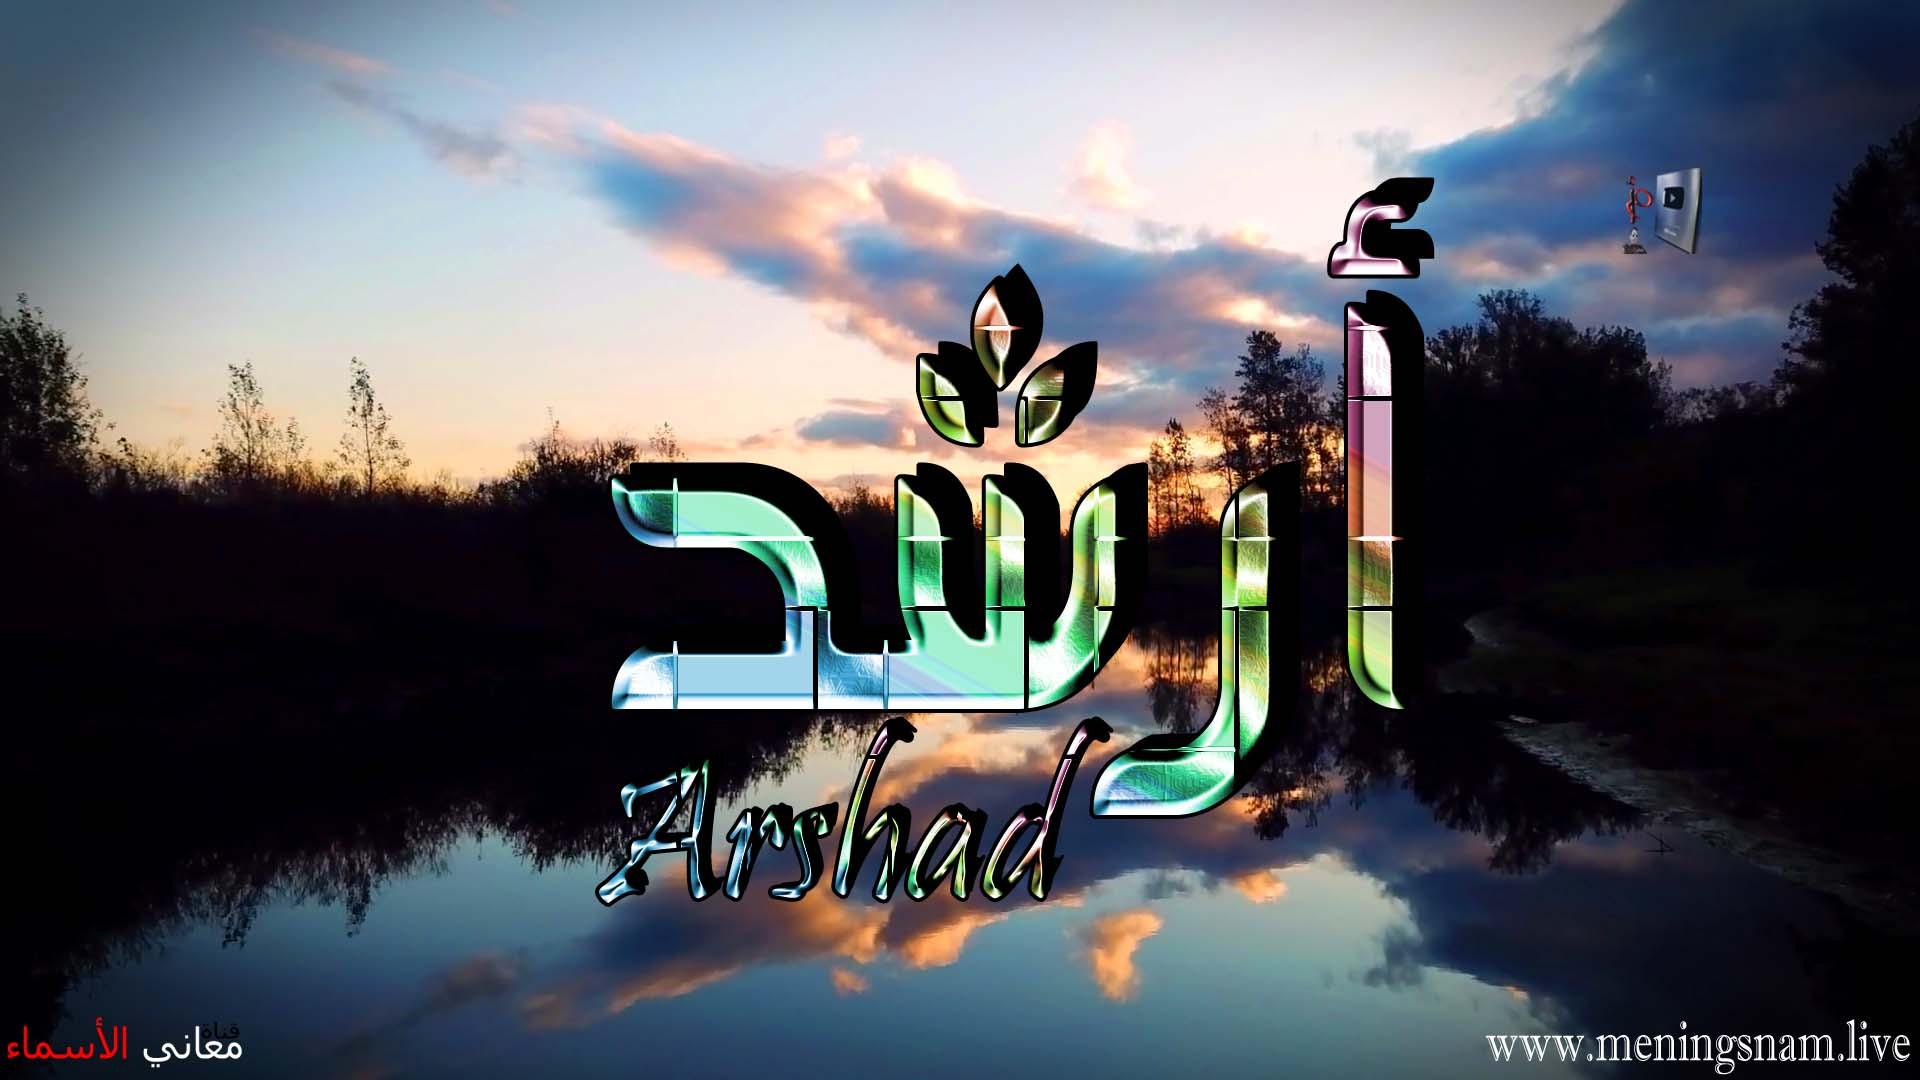 معنى اسم ارشد, وصفات حامل, هذا الاسم, Arshad, arshad warsi,arshdeep singh,arshd,arshad khan,arshad iqbal,arshad warsi movies,arshad warsi wife,arshad warsi series